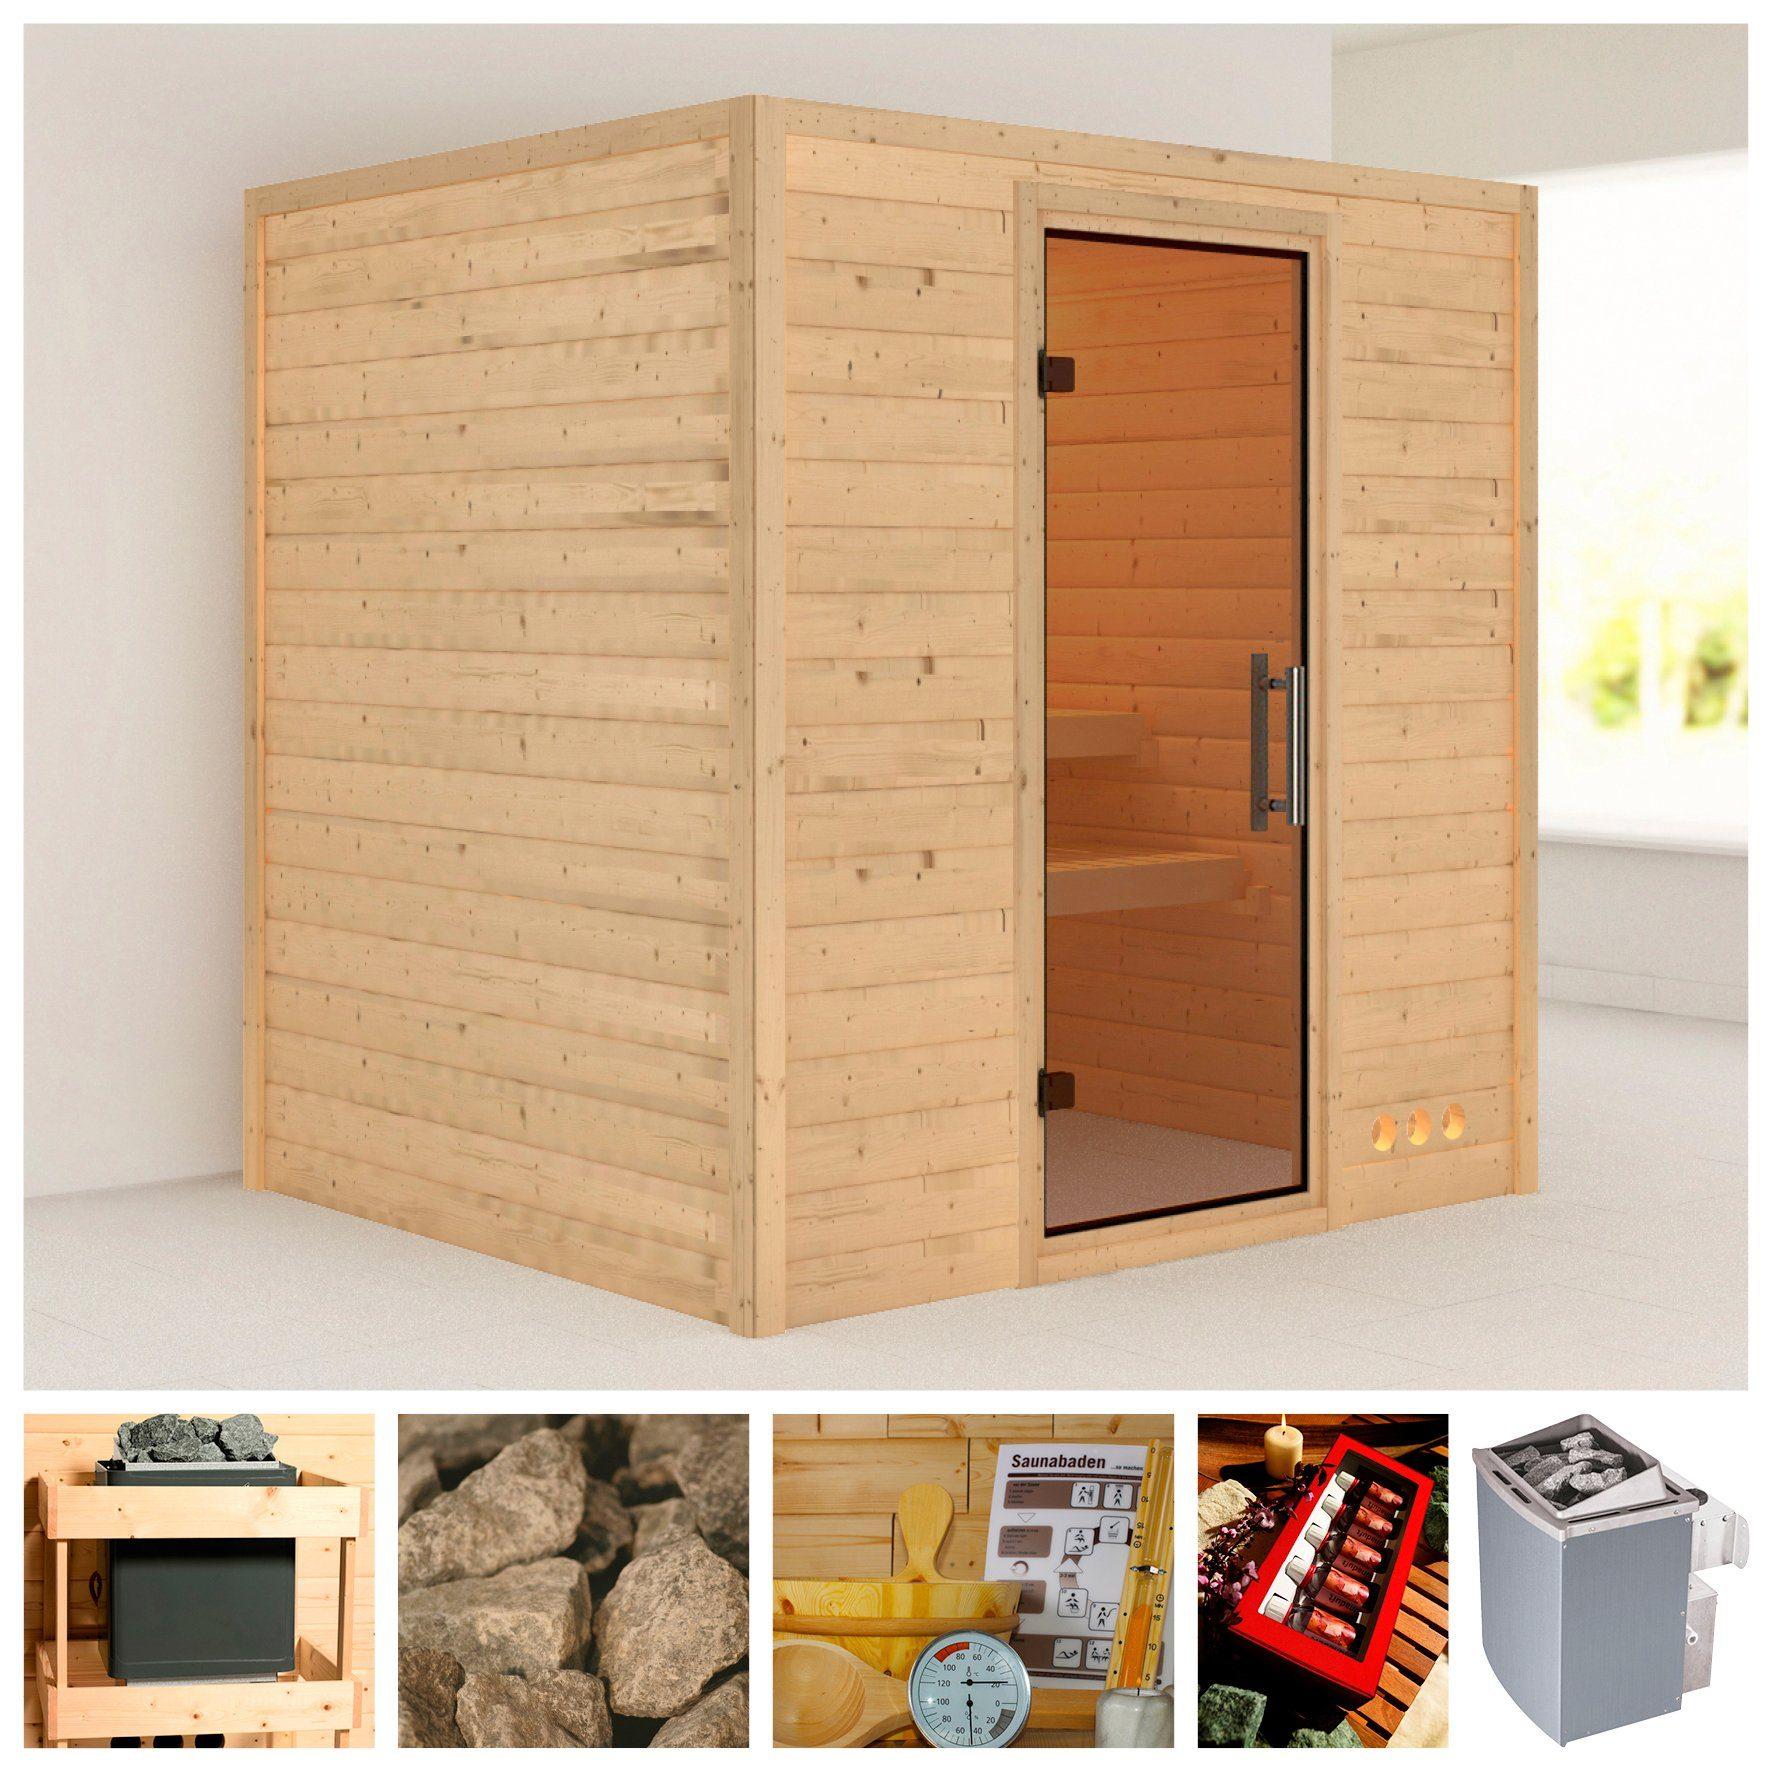 KARIBU Sauna »Adina«, 196/170/187 cm, 38 mm, 9-kW-Ofen mit int. Steuerung